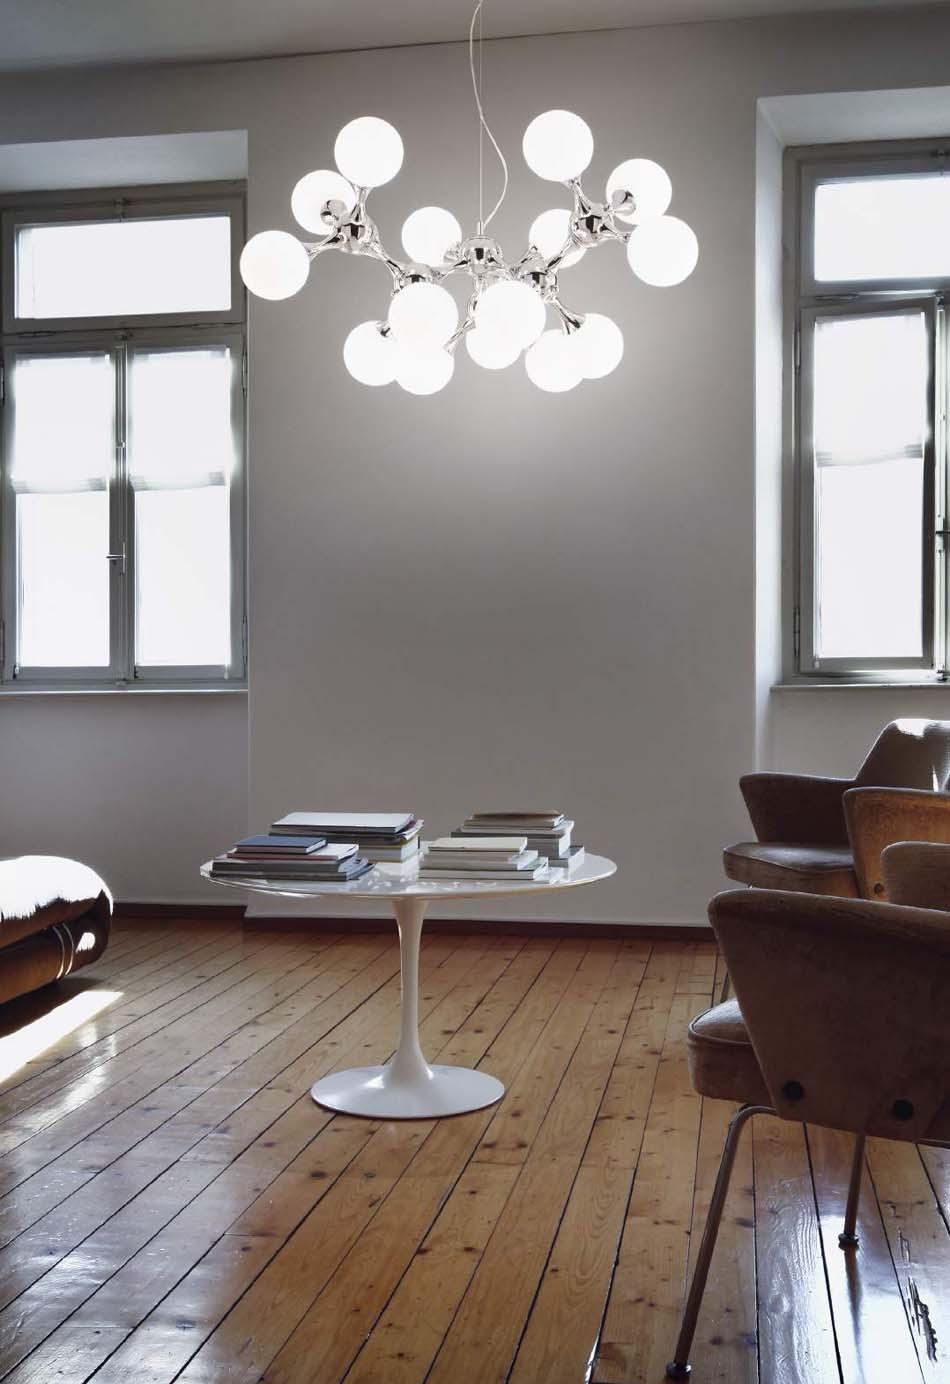 Lampade sospese Ideal Lux Nodi Bianco – Toscana Arredamenti